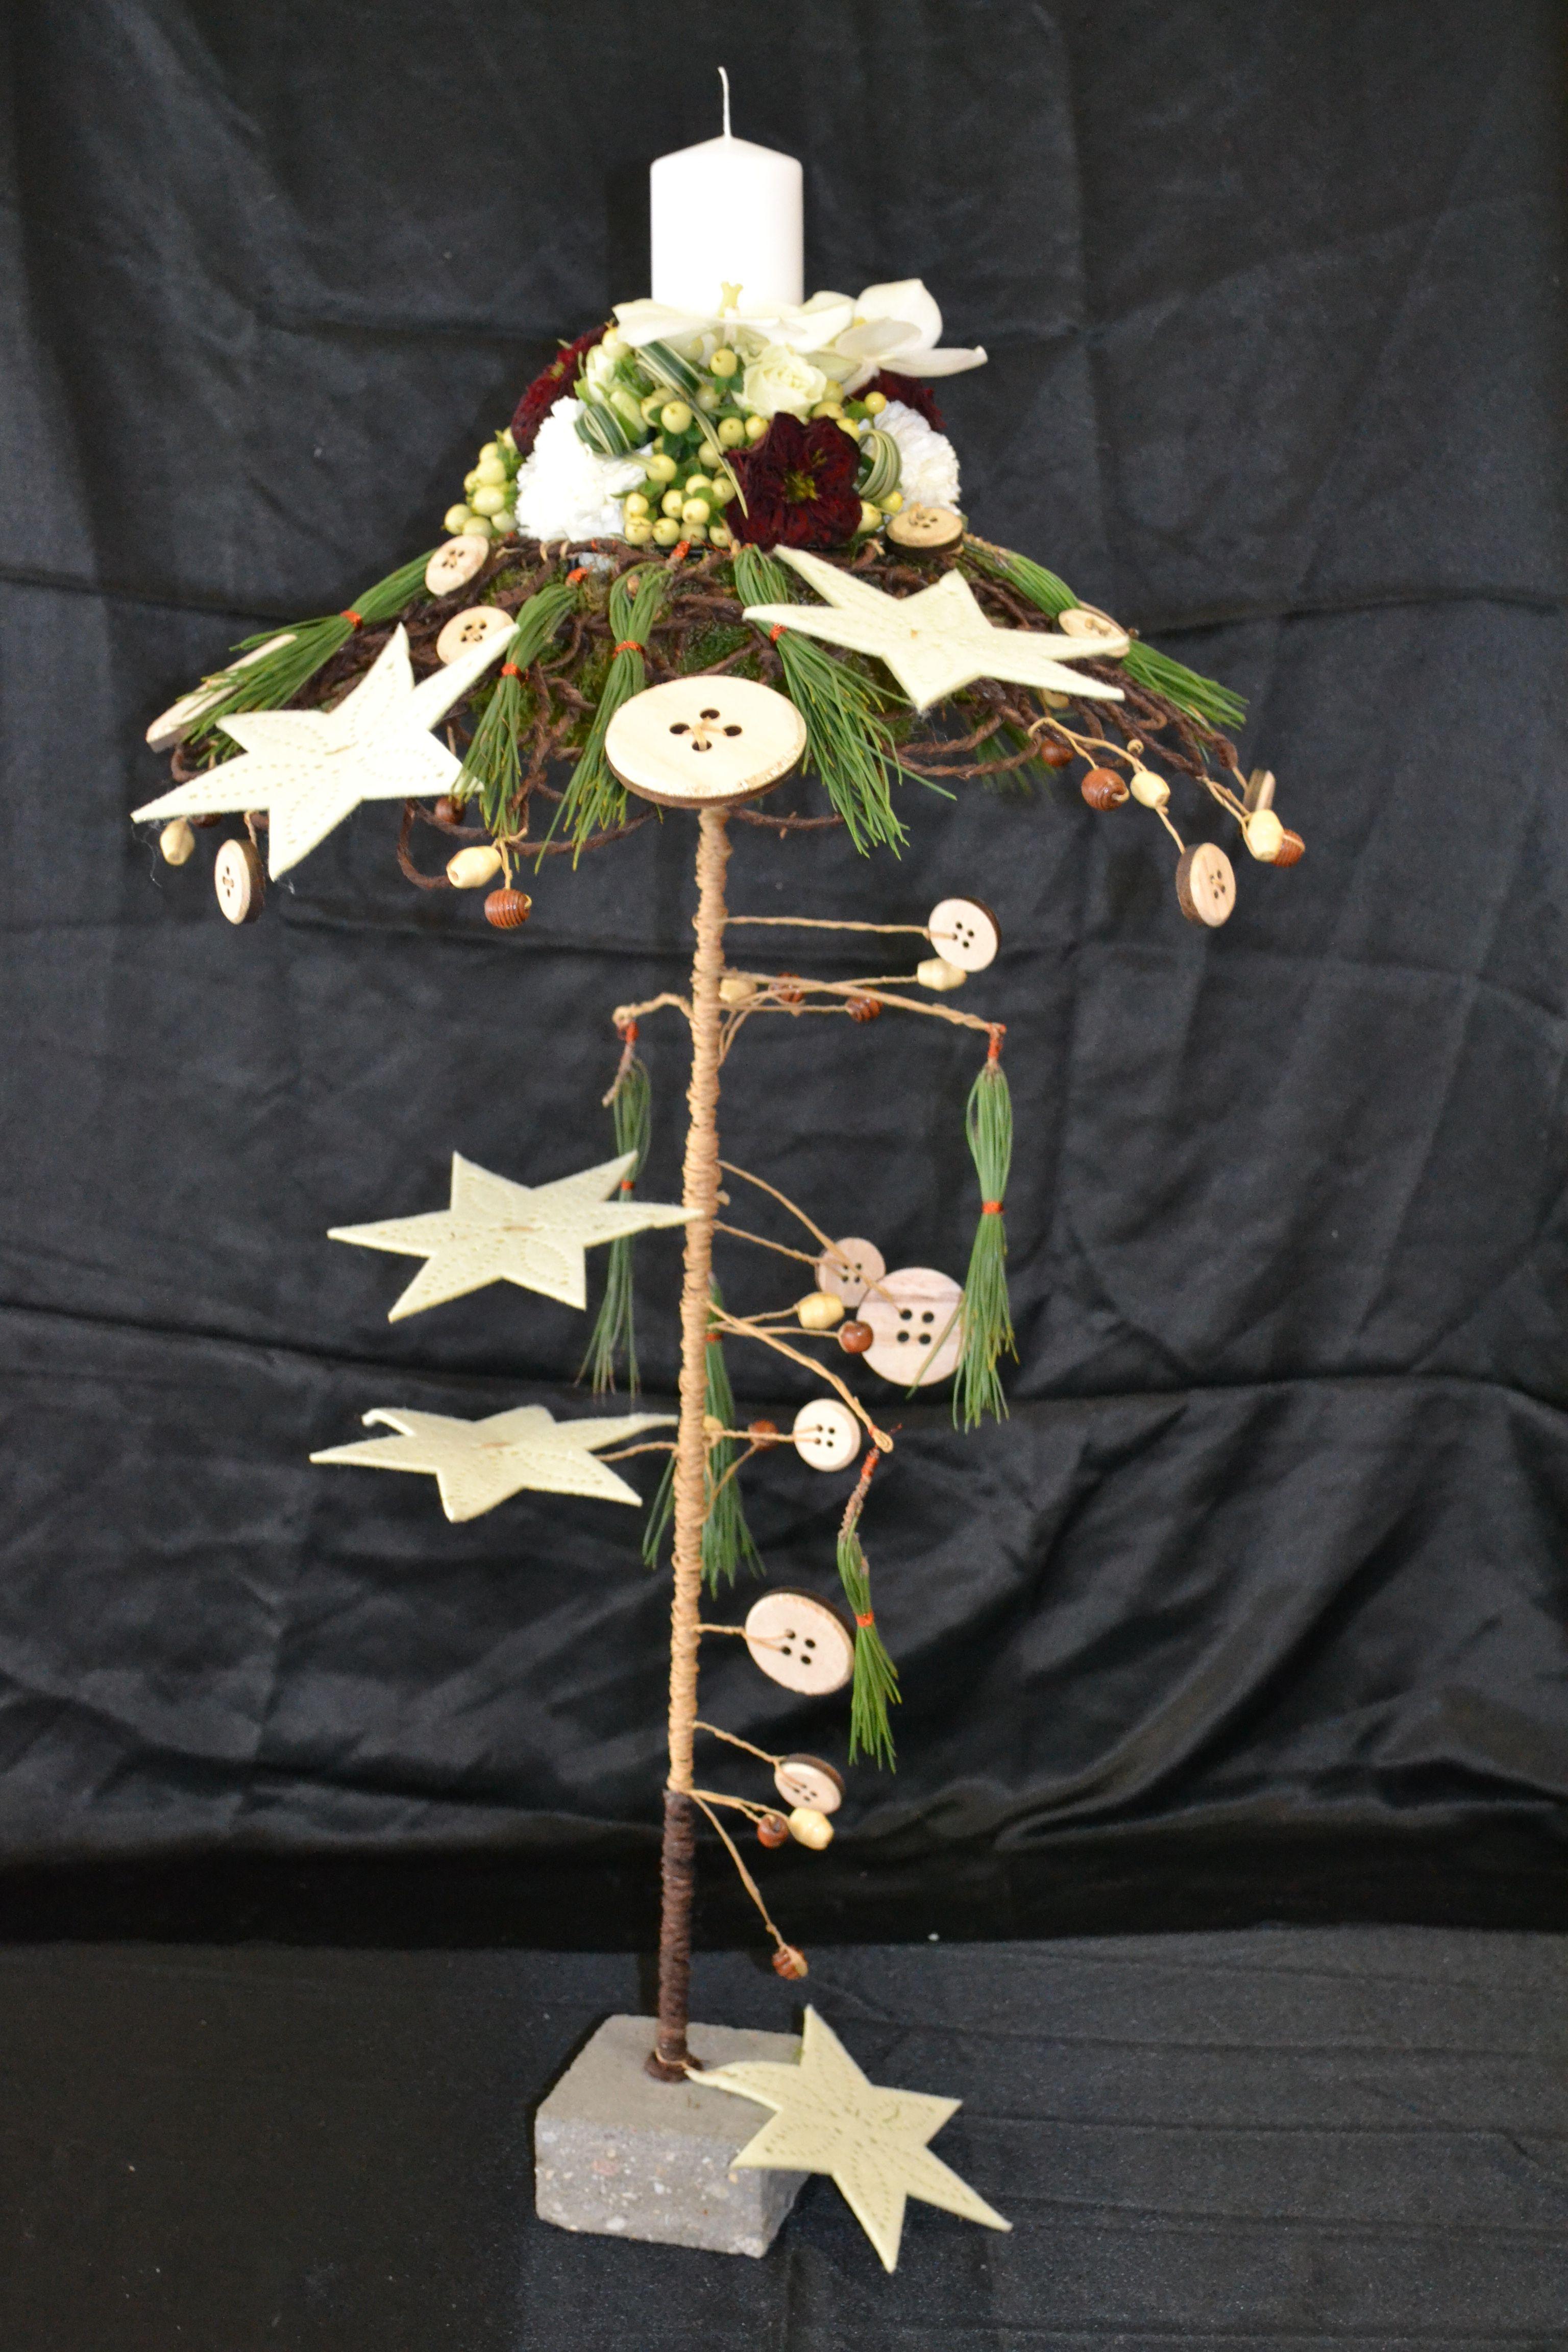 Composition , Noël 2015 réalisé par Dominique Kwiatek .Décembre 2015.